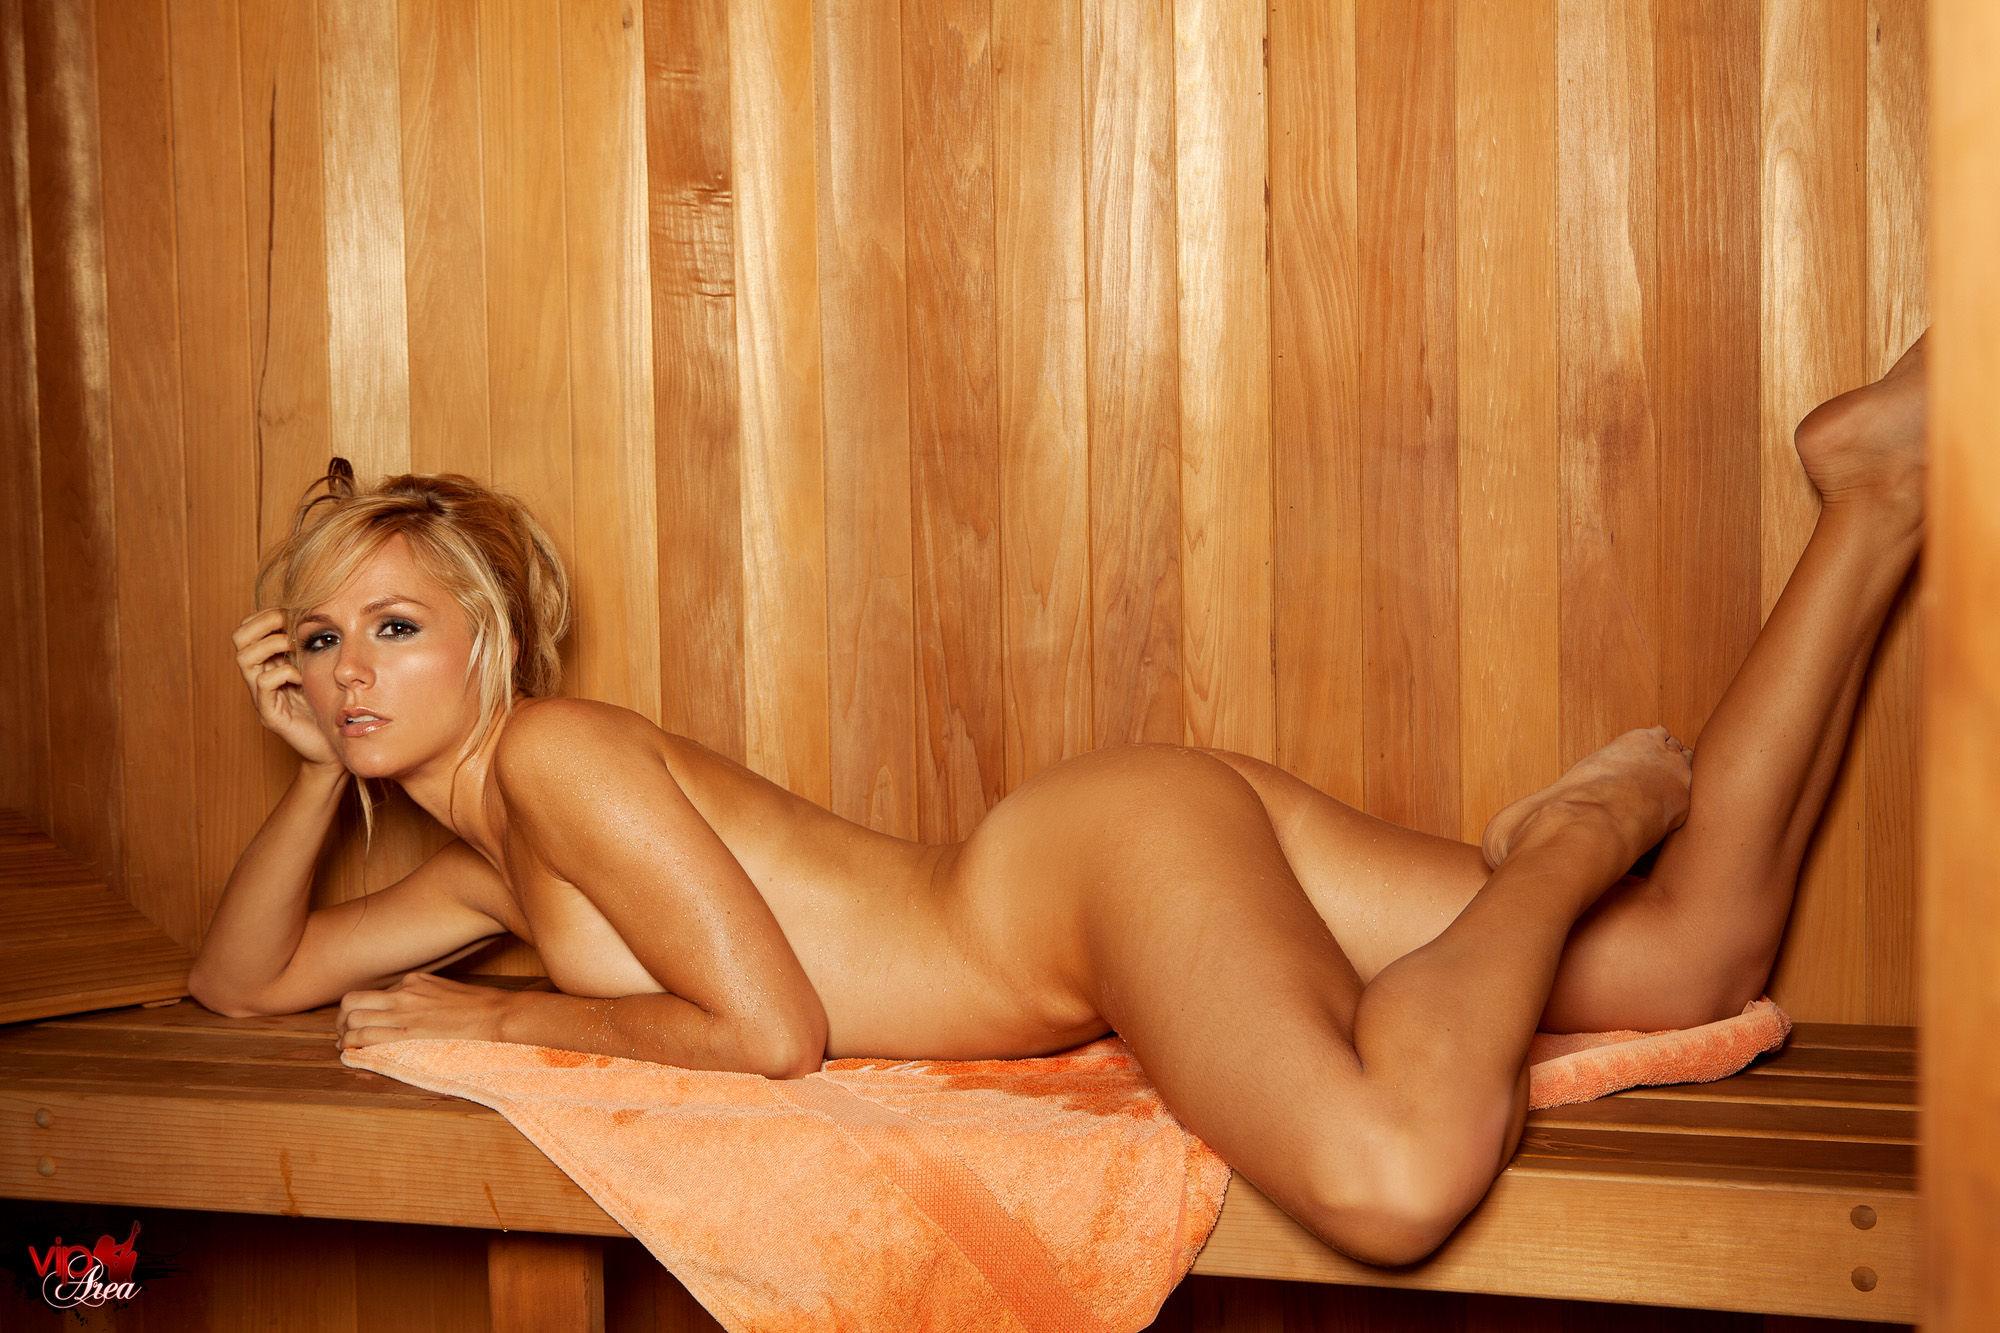 Смотреть женщины парятся в бане, Скрытая камера в женской бане, подглядывание в бане 17 фотография